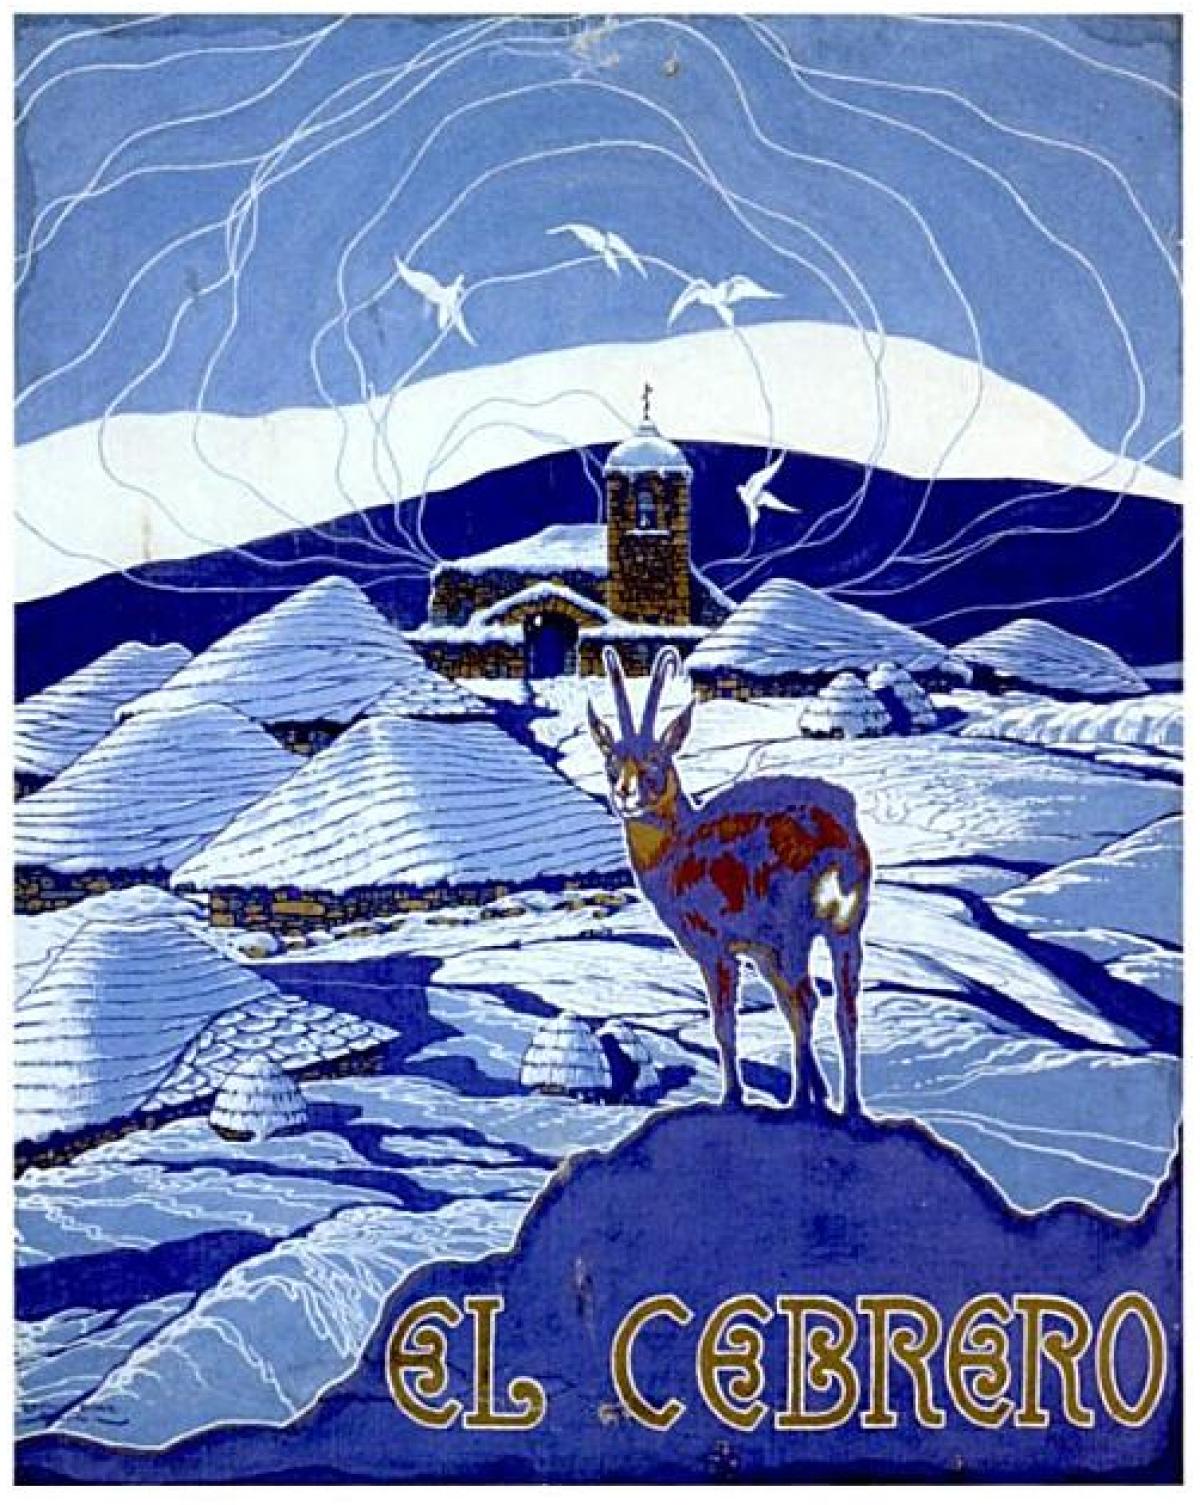 Cartel dedicado ao Cebreiro